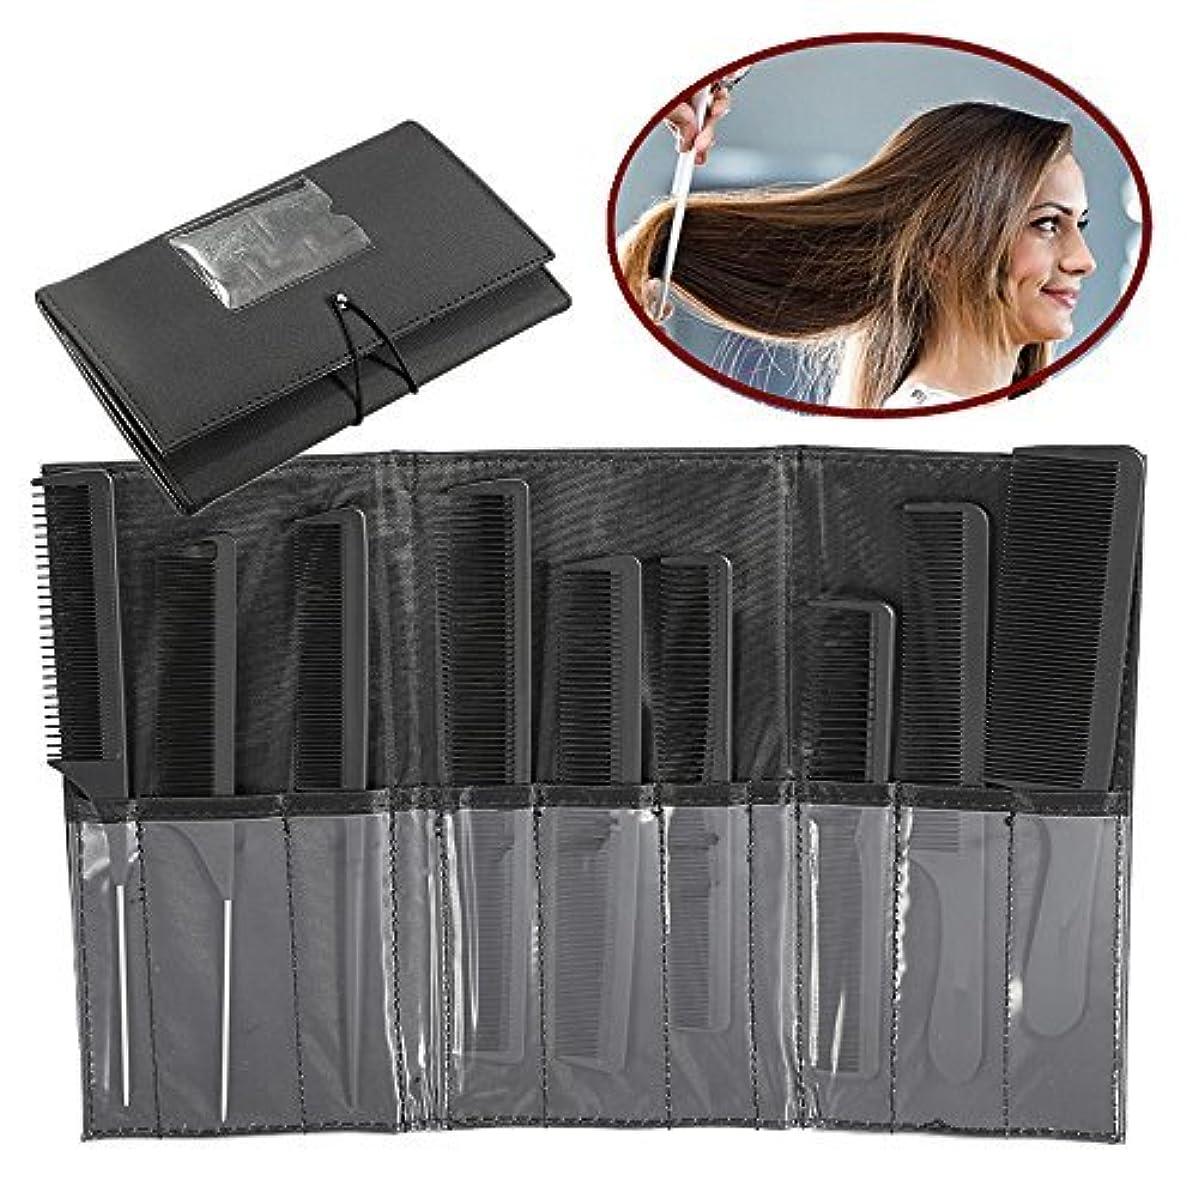 定期的に伸ばす炭素ZJchao Professional Styling Comb Set, 9Pcs Salon Hairdressing Kits, Metal Pintail Teaser/Sharp Tail/Wide Tooth...